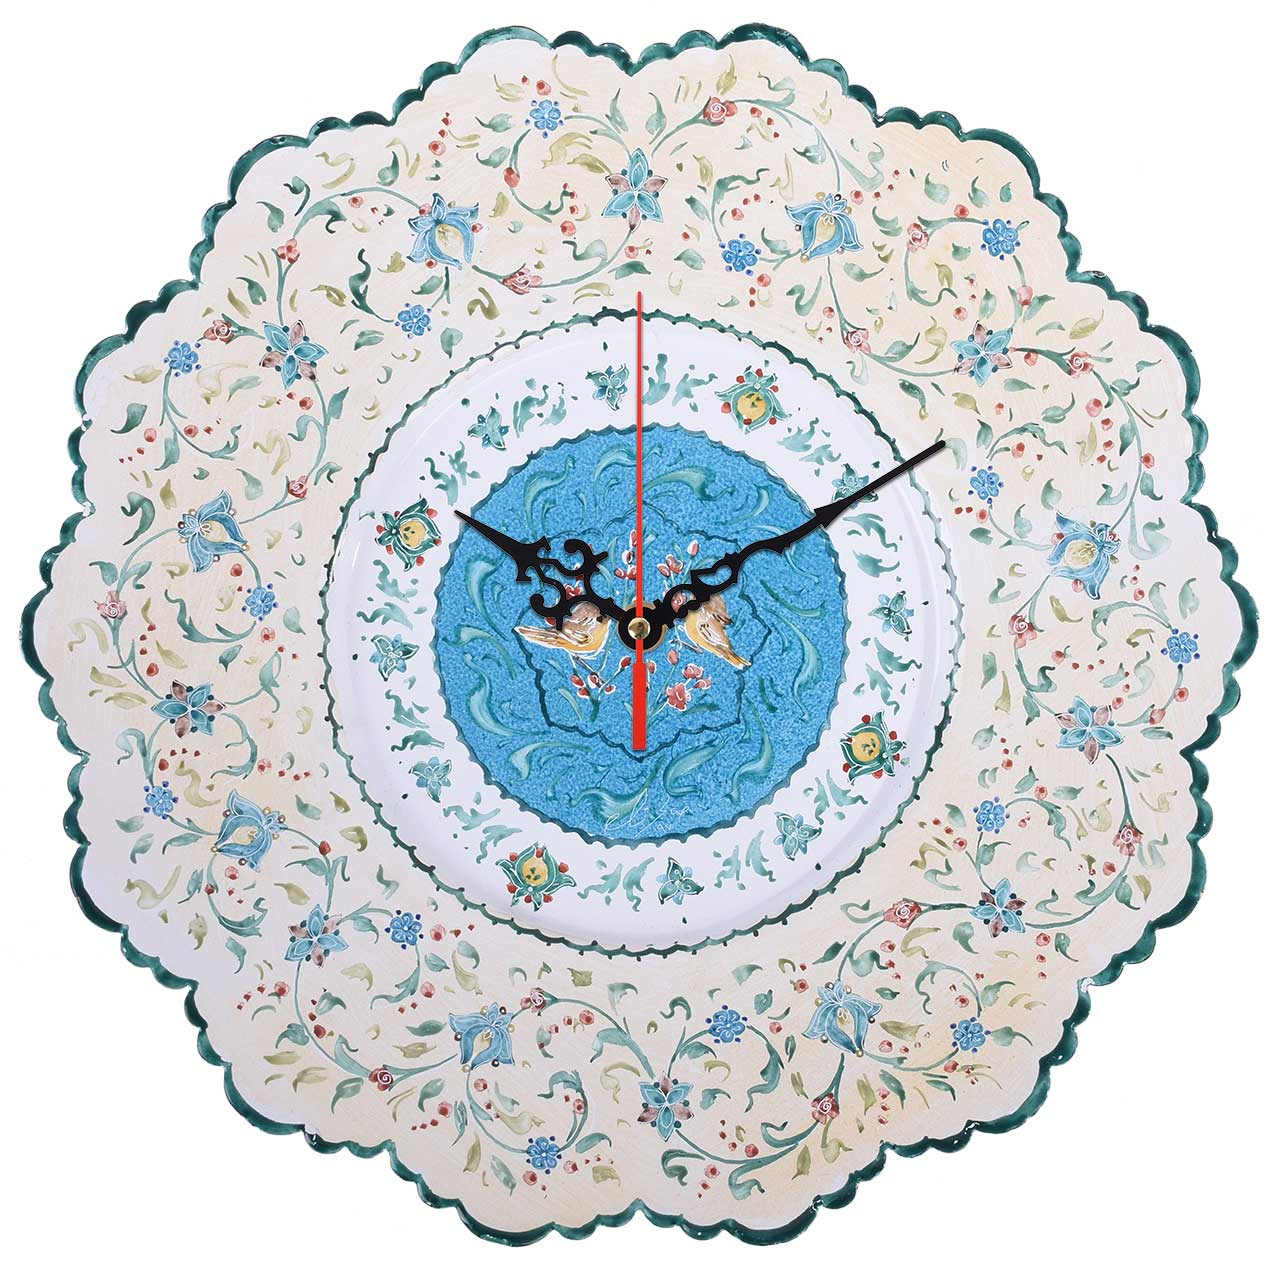 ساعت میناکاری صالحی زاده طرح حوض فیروزه مدل 00-23 سایز 30 سانتیمتر